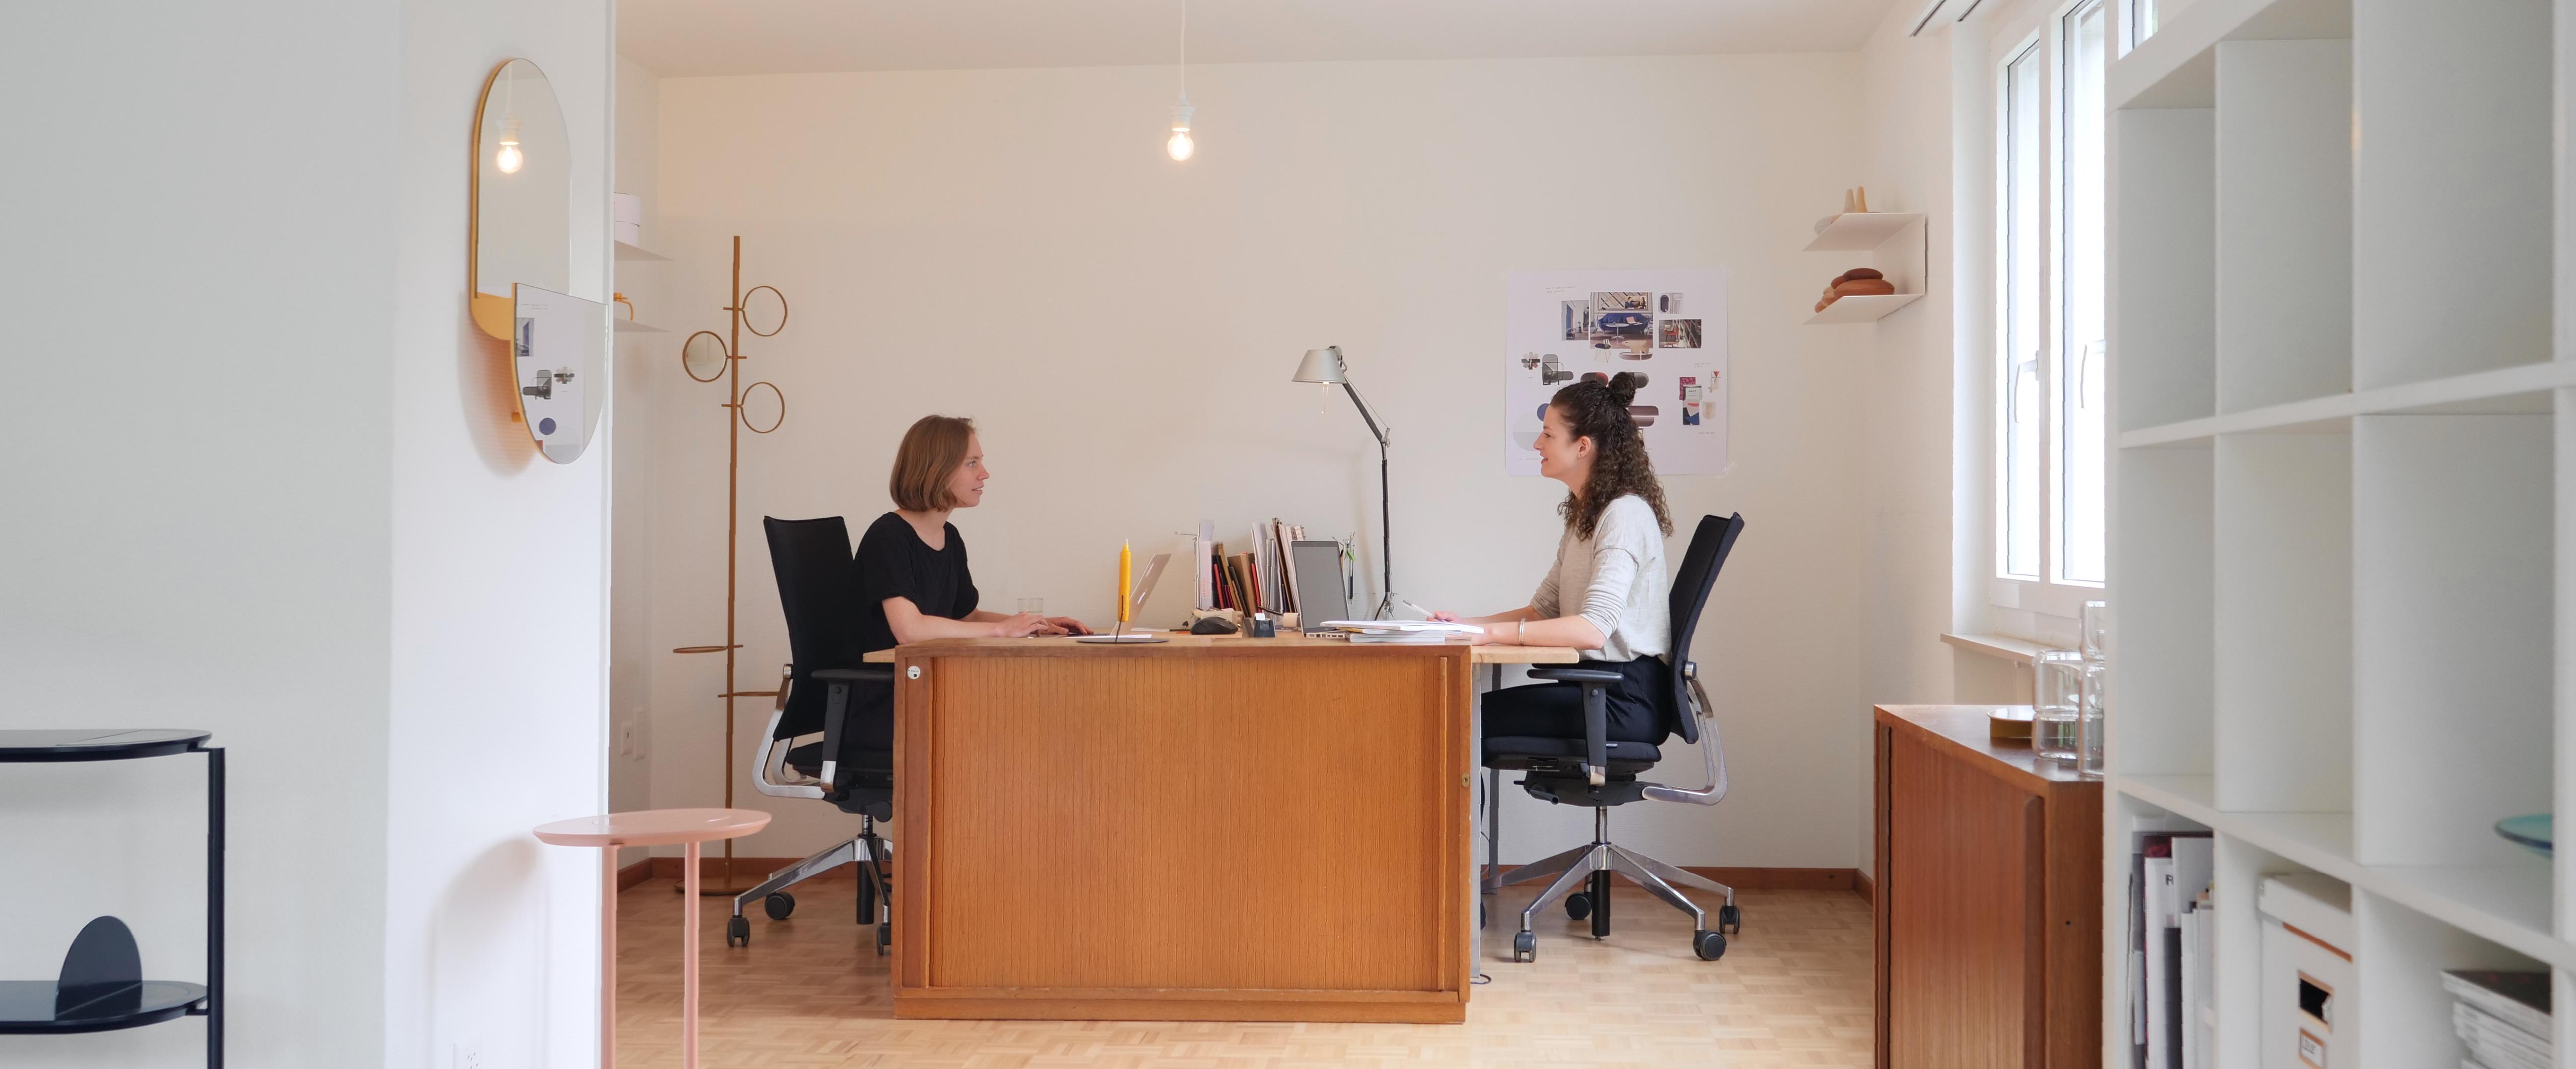 Diiis Designstudio © Pro Helvetia